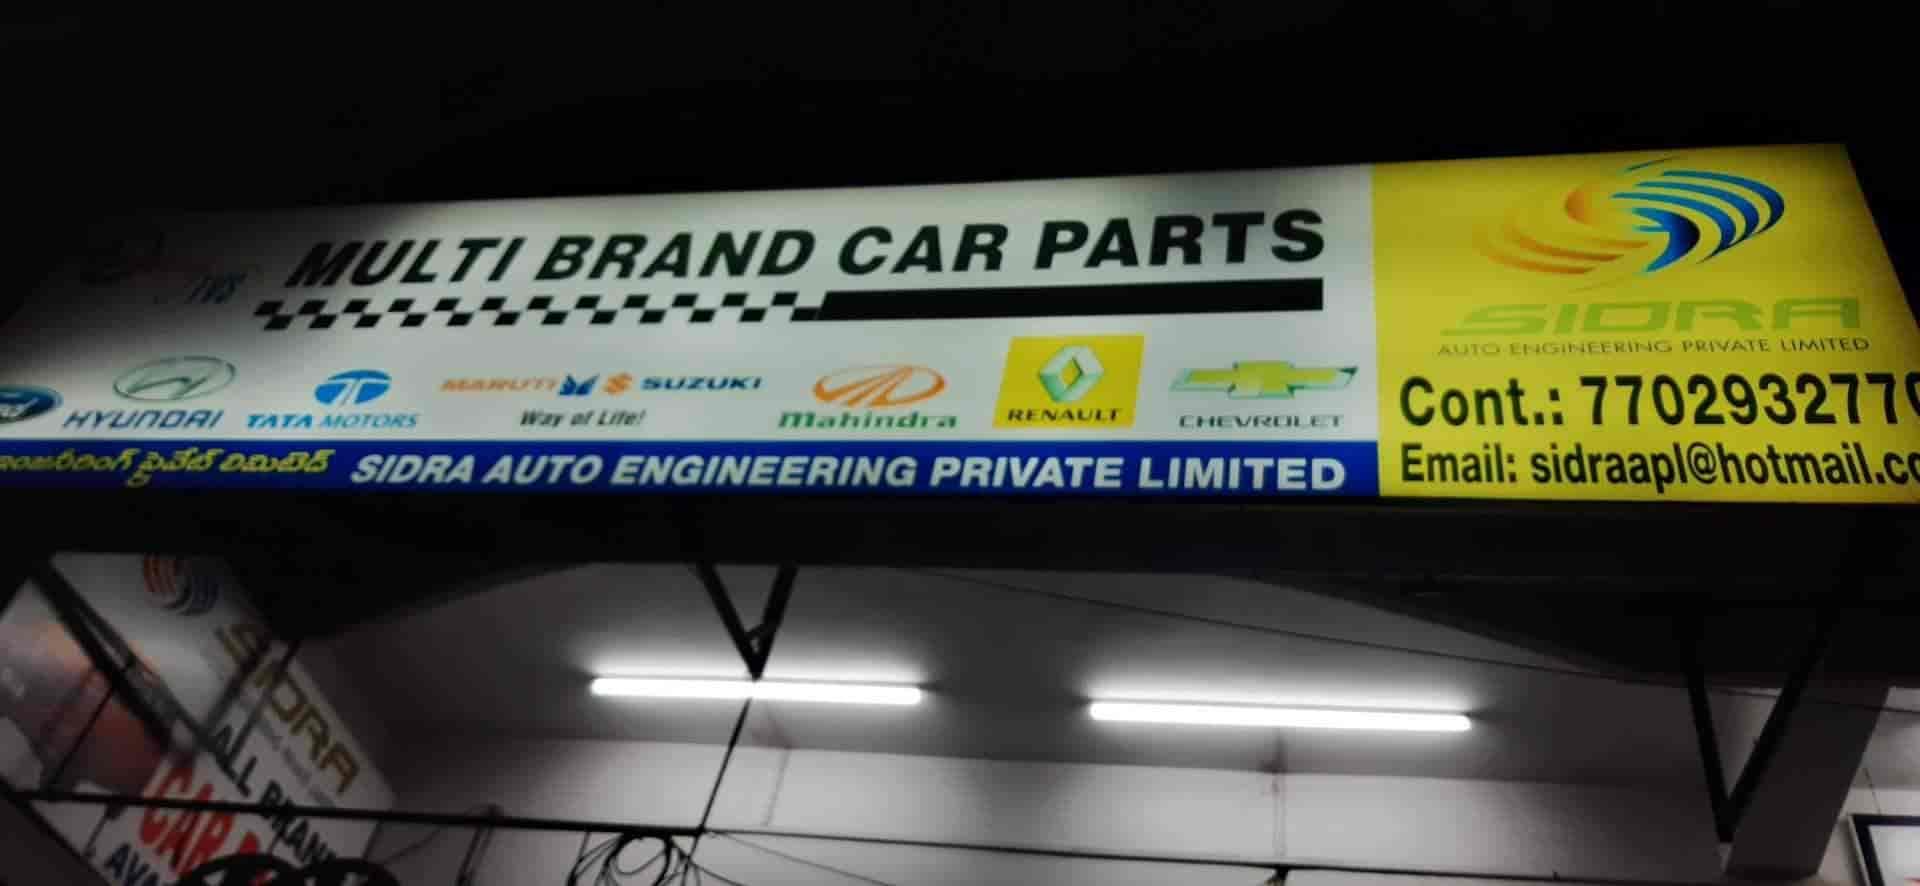 Sidra Auto Engineering Pvt Ltd, Toli Chowki - Car Part